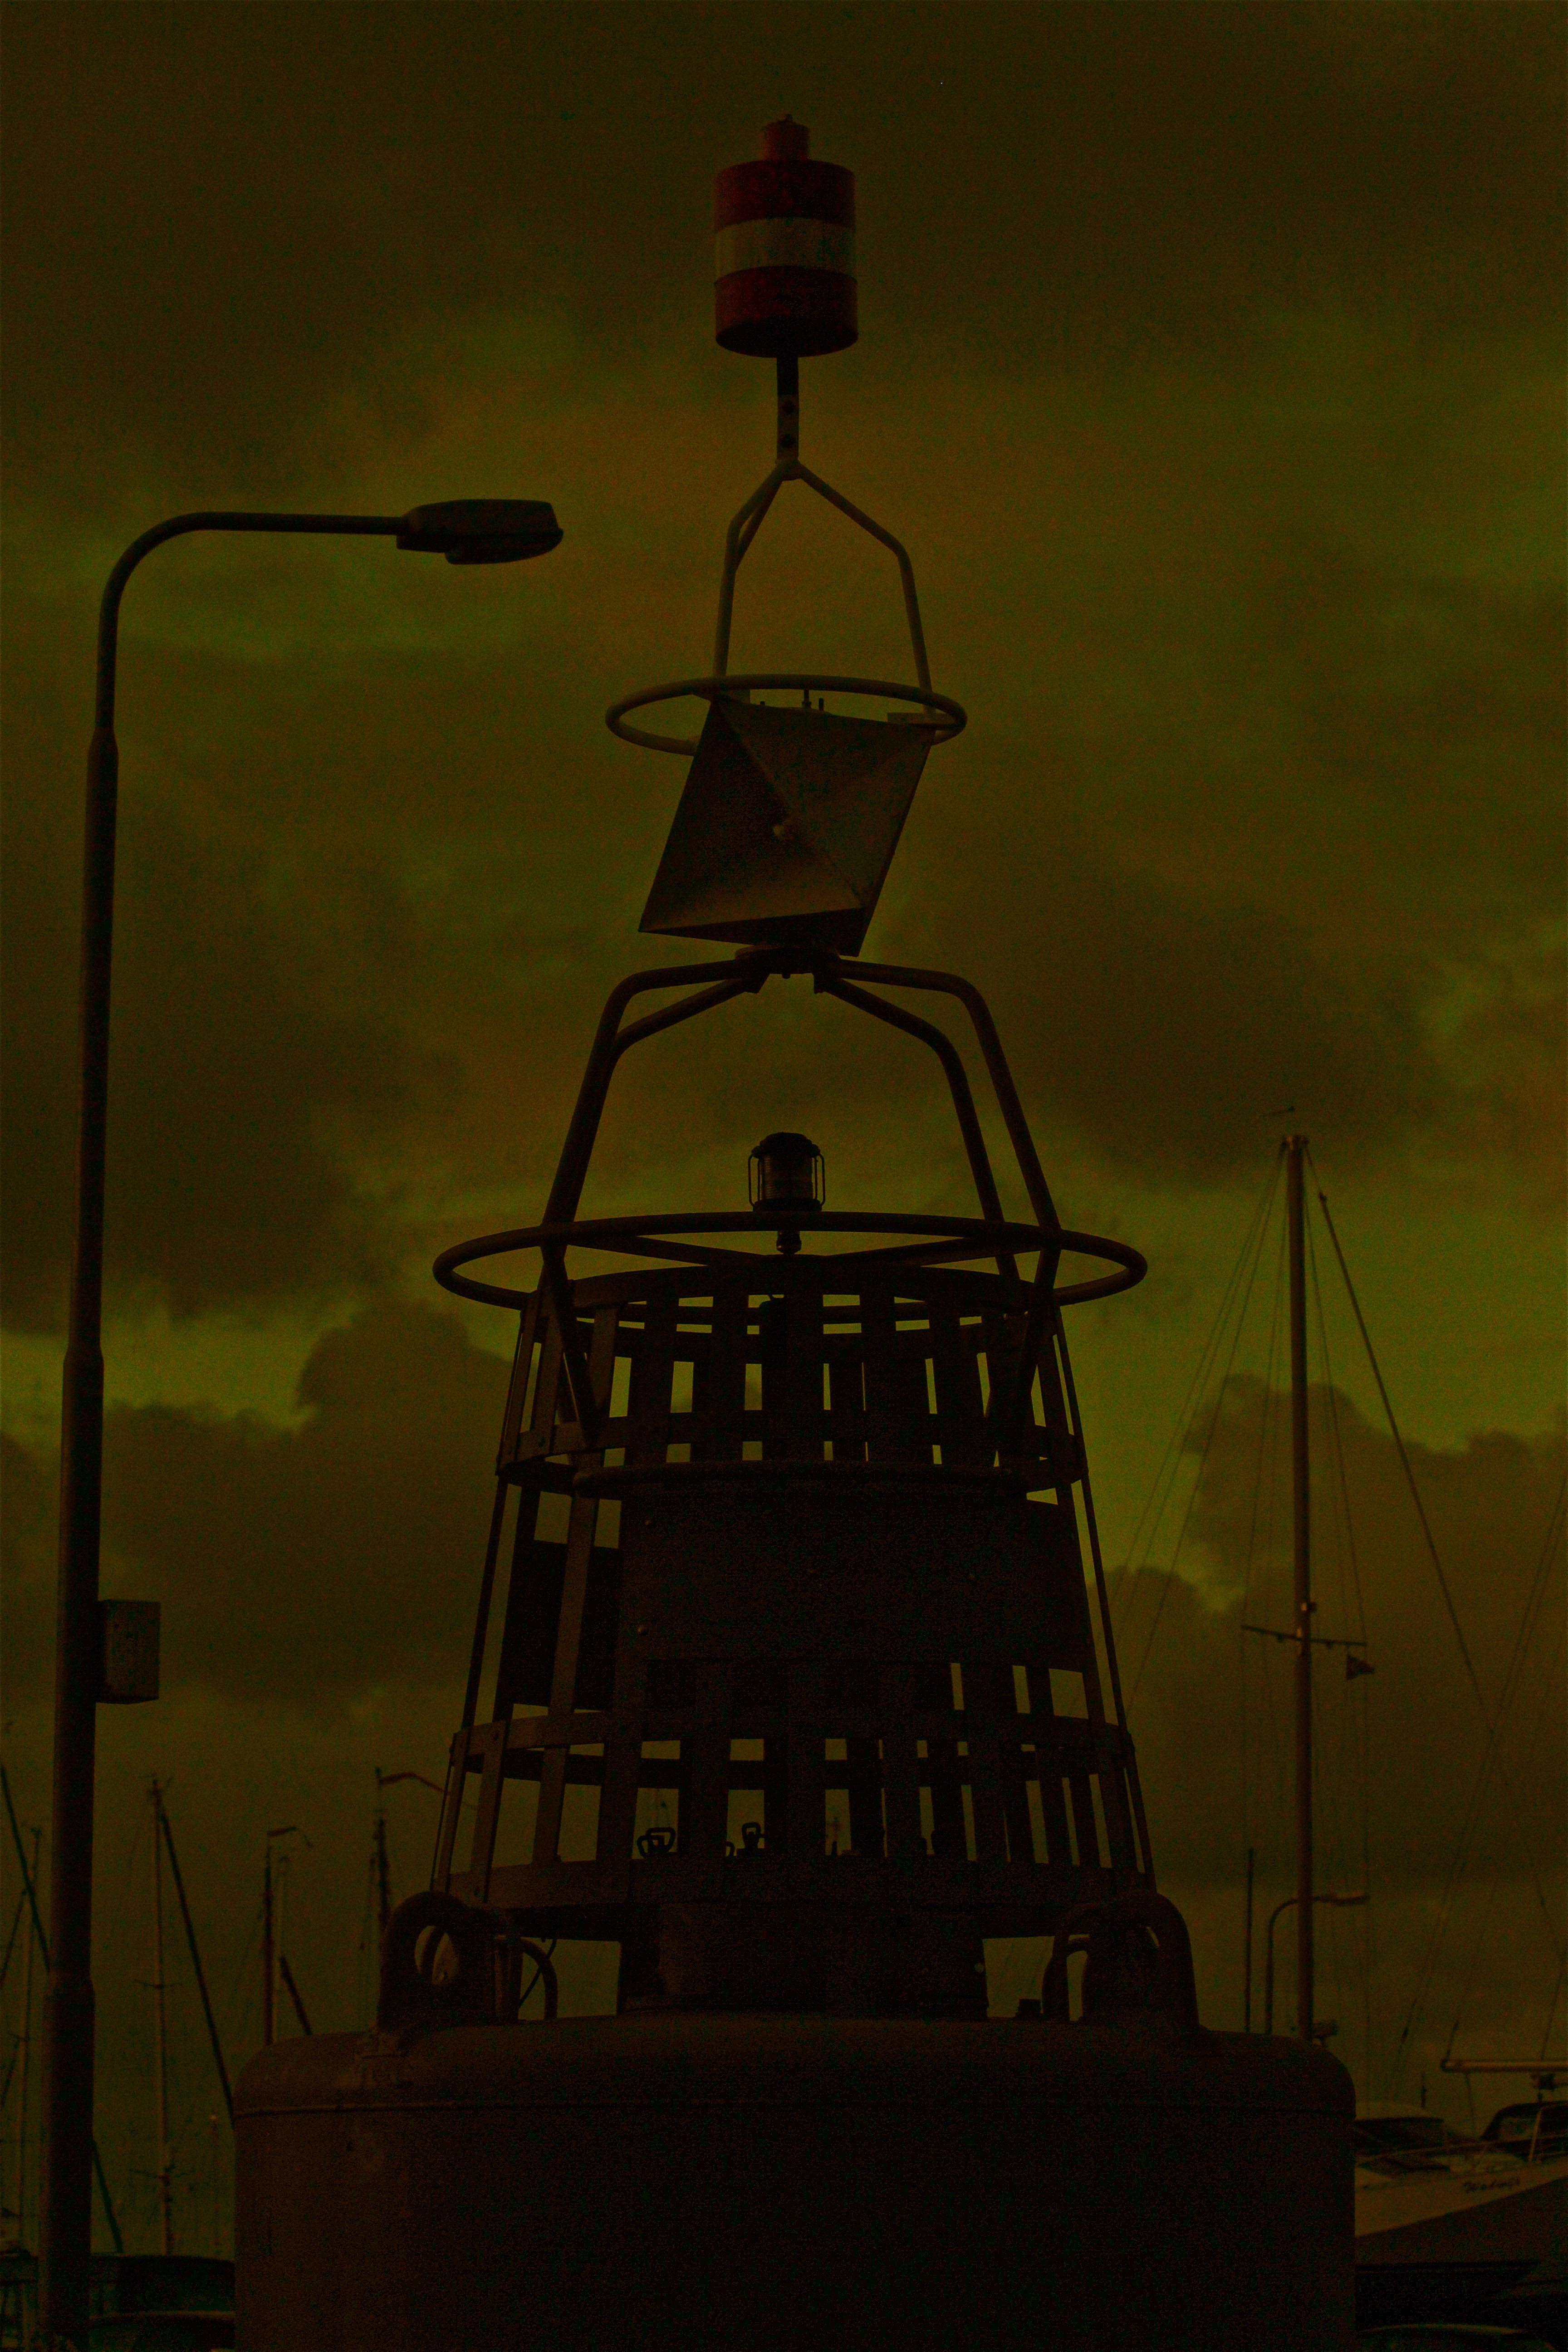 Pin by Bert Wolters on Heavy Metal Industreel | Pinterest | Heavy metal